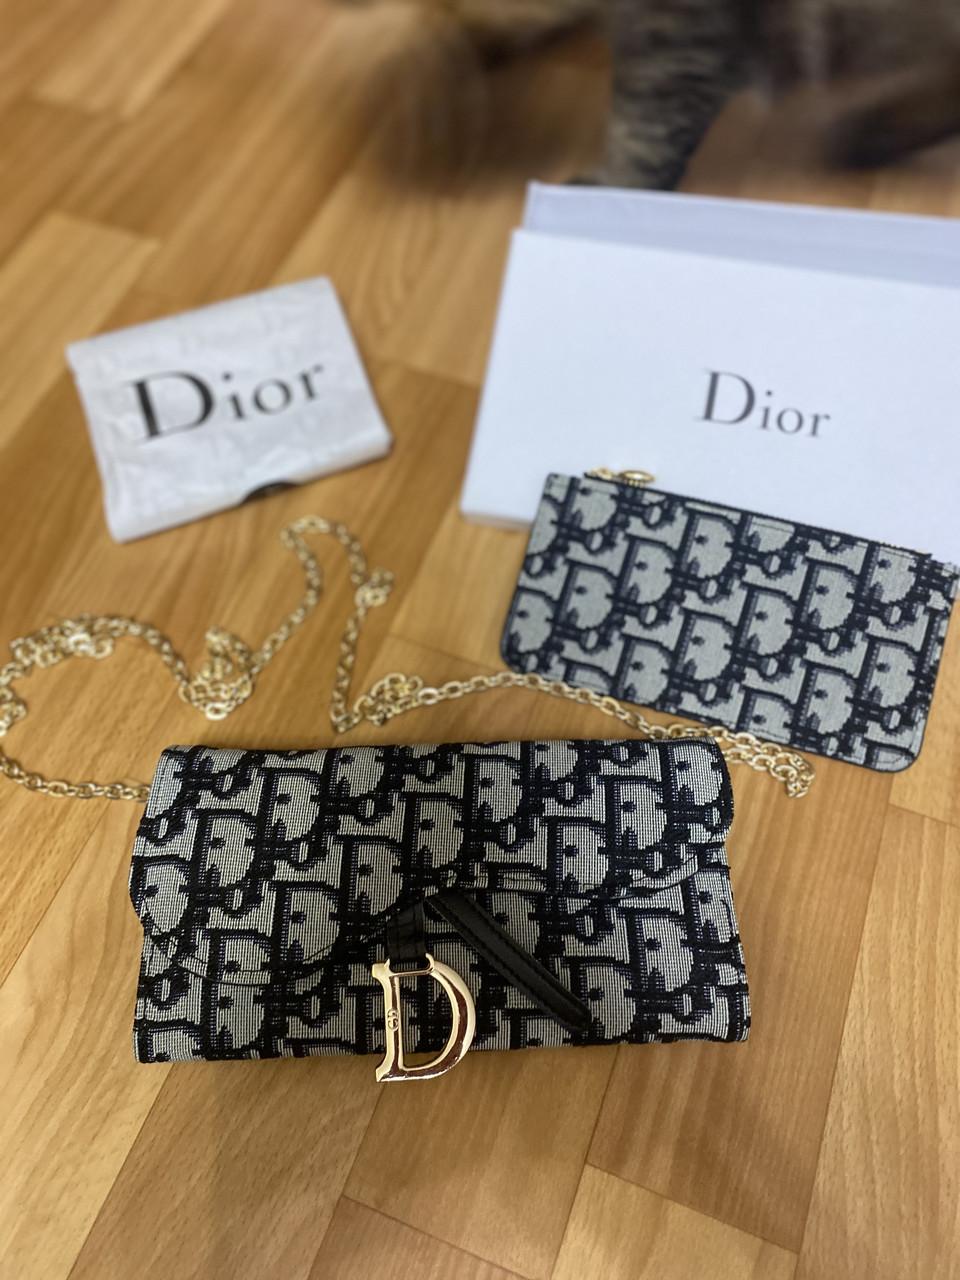 Шикарный женский кошелёк Christian Dior/ кошелёк с цепочкой на плечо/ черно срый кошелёк диор (люкс копия)